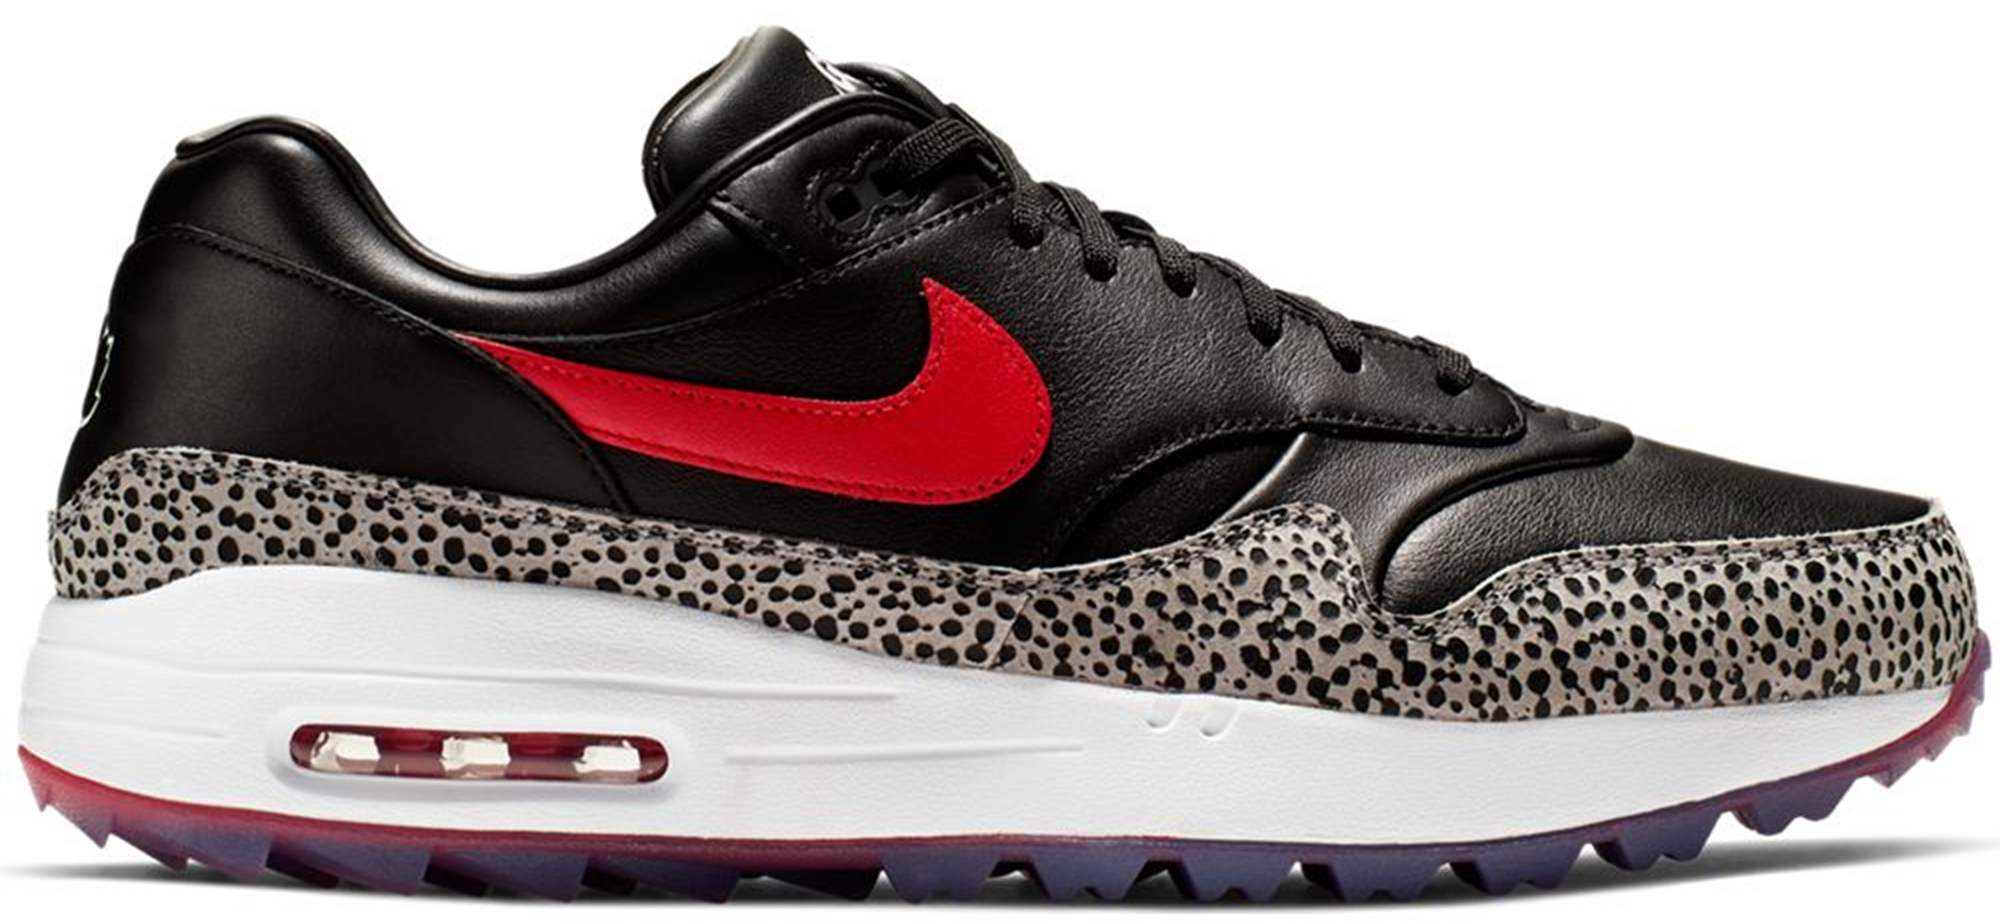 Nike Air Max 1 Premium Obsidian 845844 402 Sz 11.5